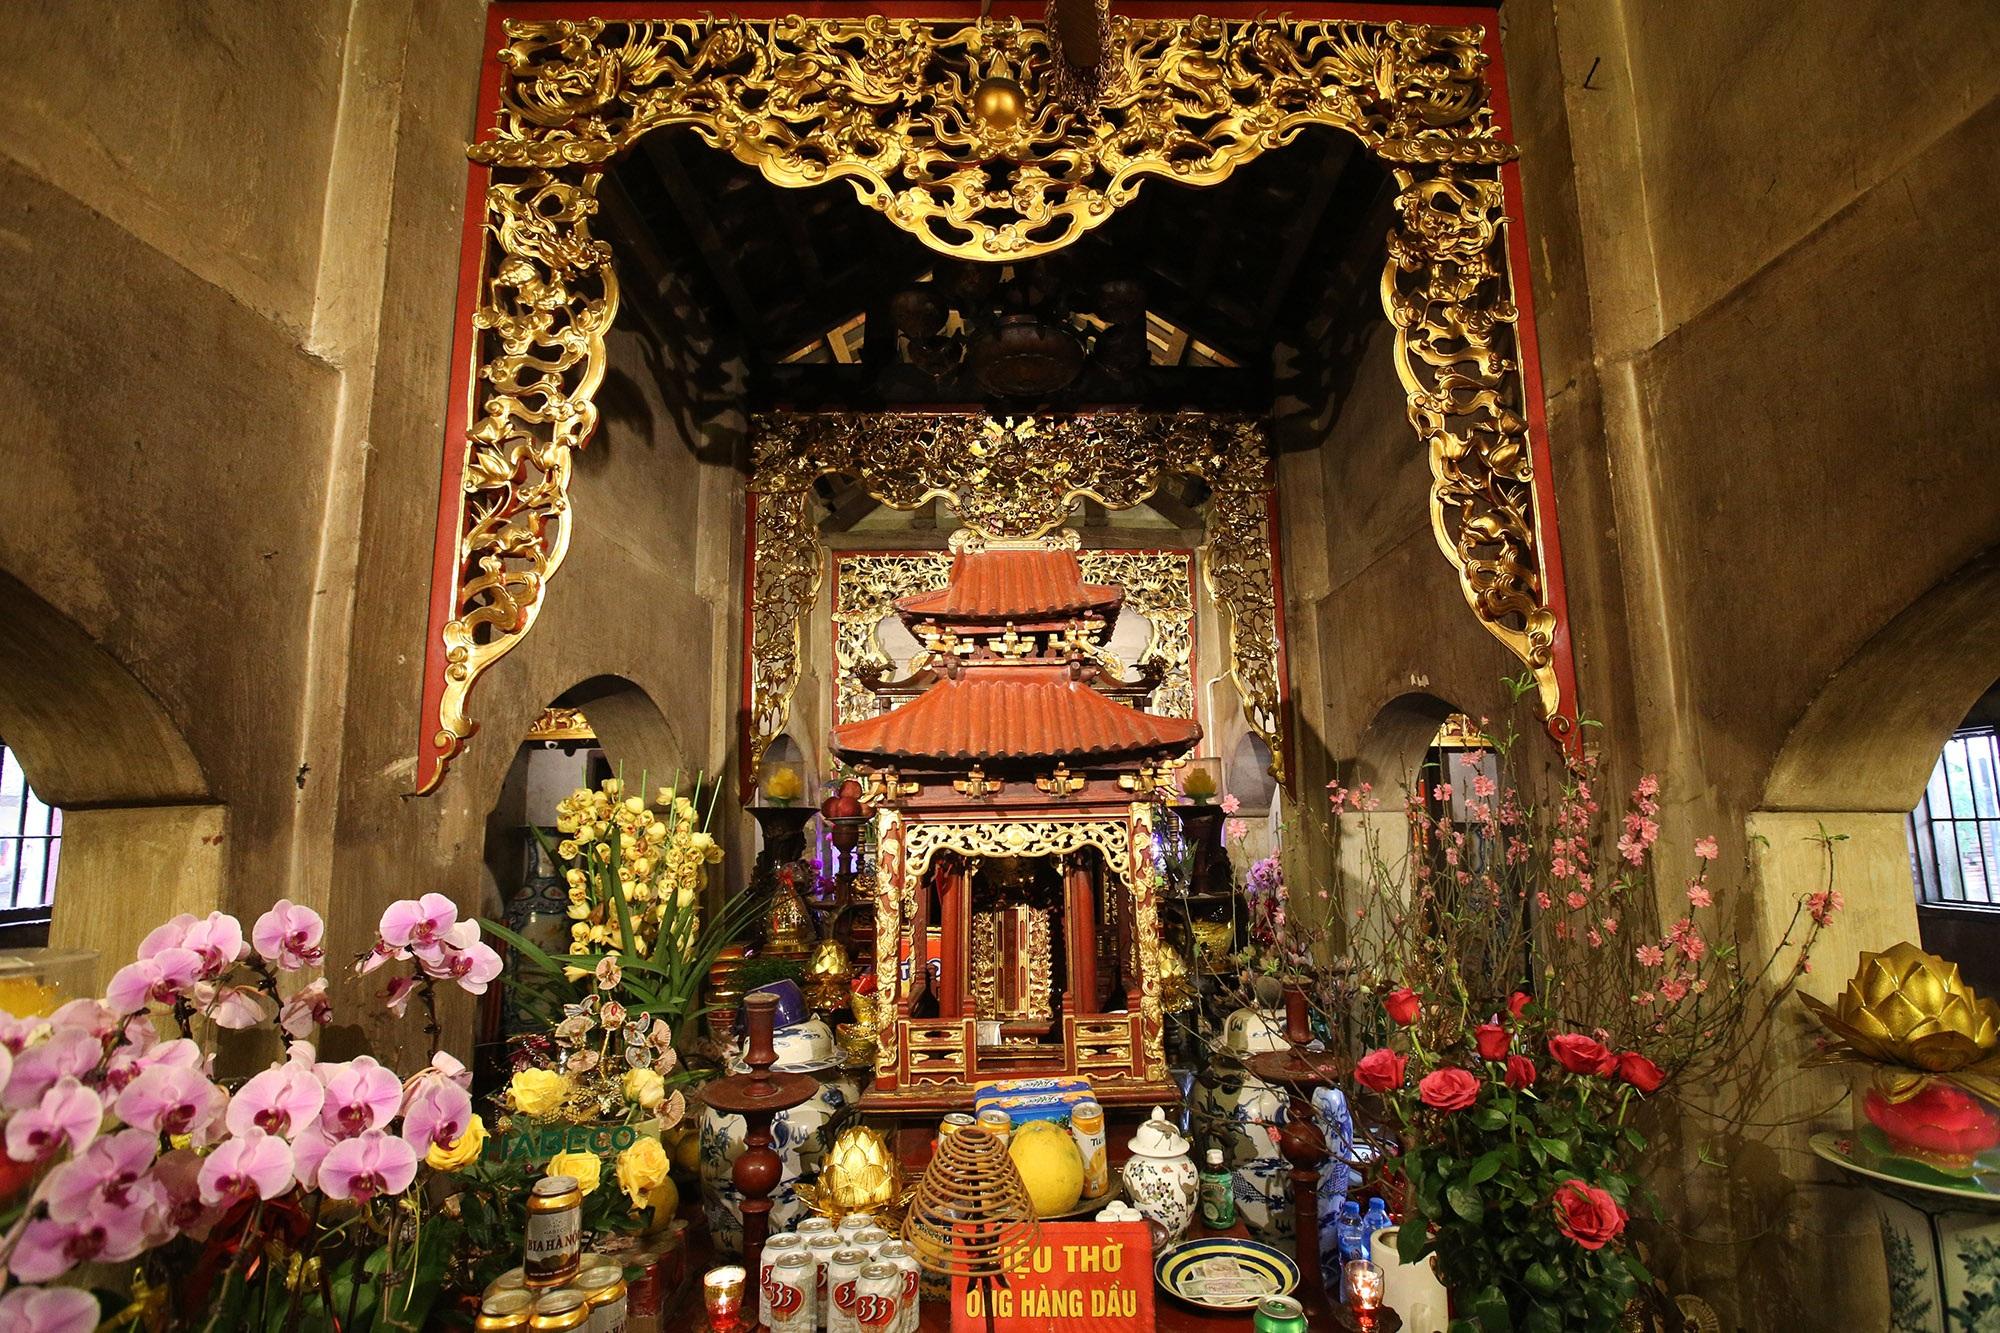 Bảo vật quốc gia: Tượng đôi sư tử đá và Khám thờ gỗ sơn son thếp vàng - 13